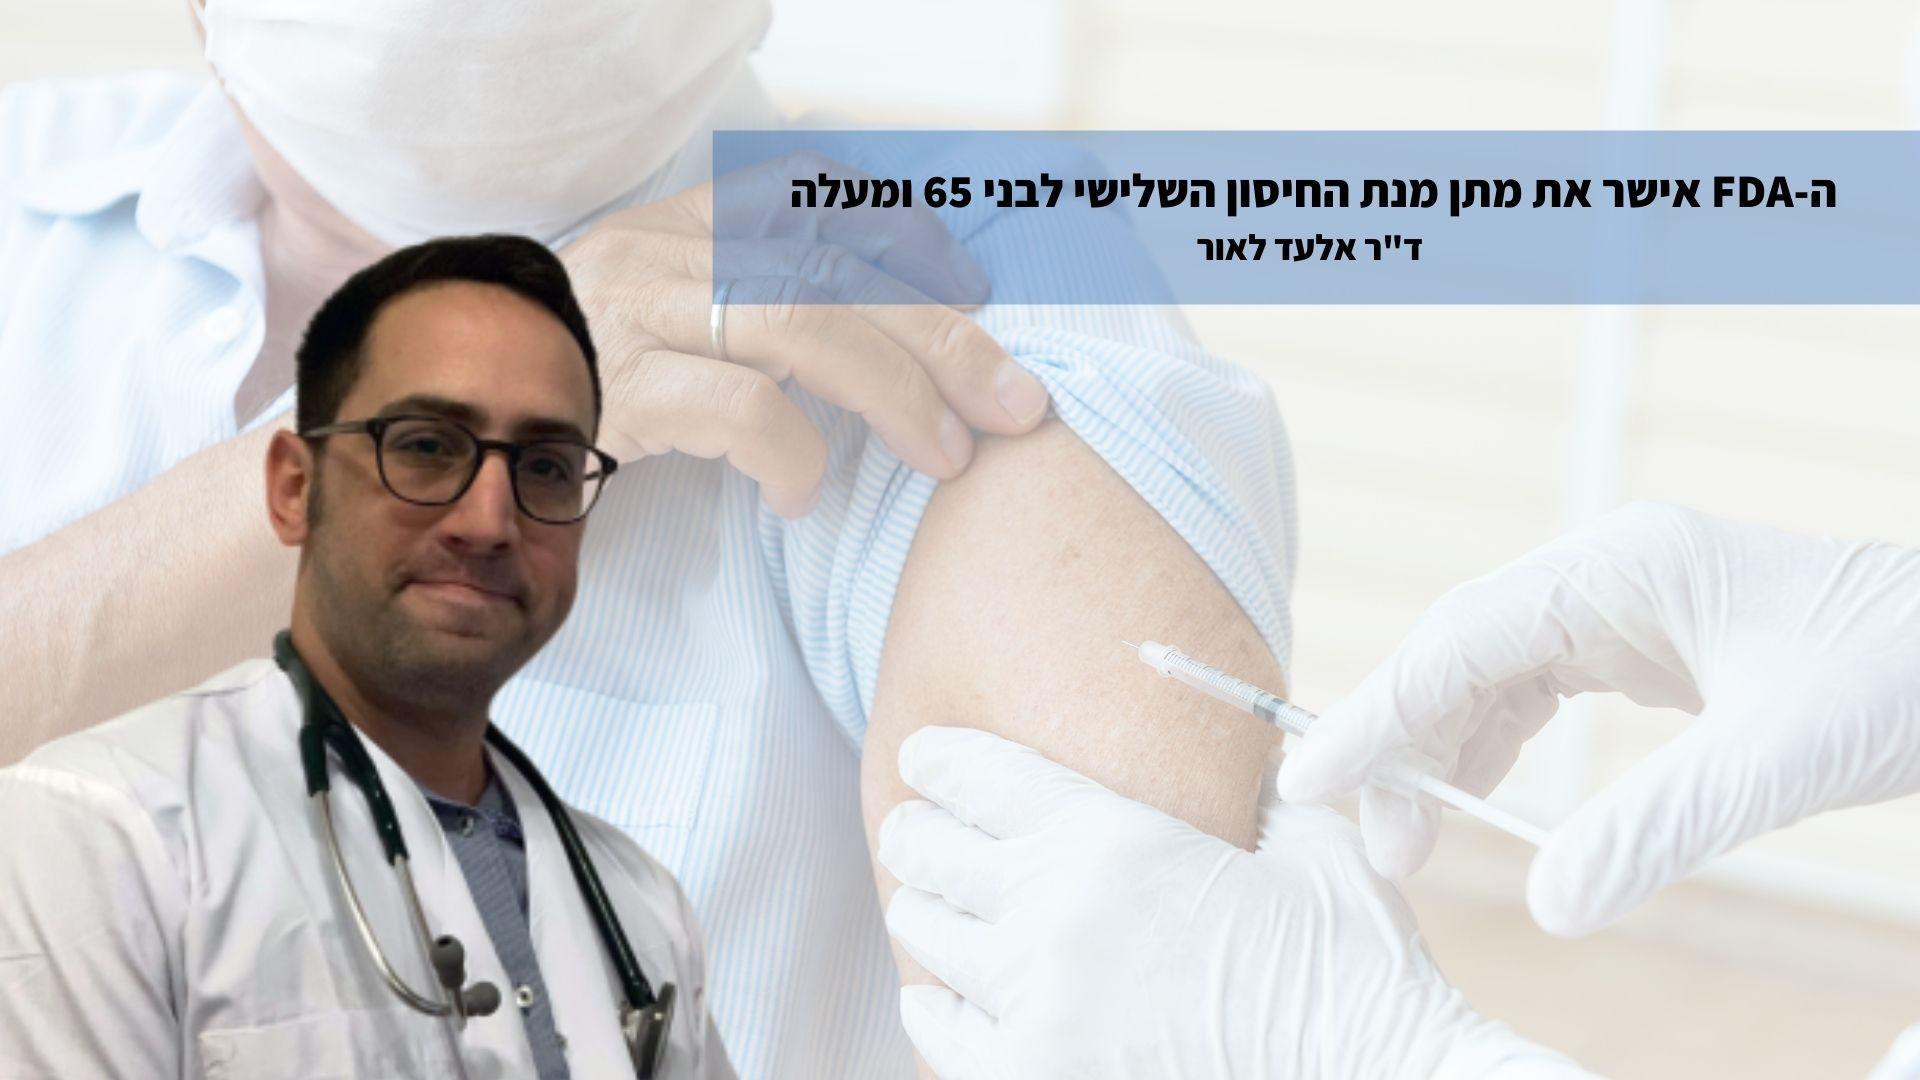 """ה-FDA אישר את מתן מנת החיסון השלישי לבני 65 ומעלה – ד""""ר אלעד לאור"""